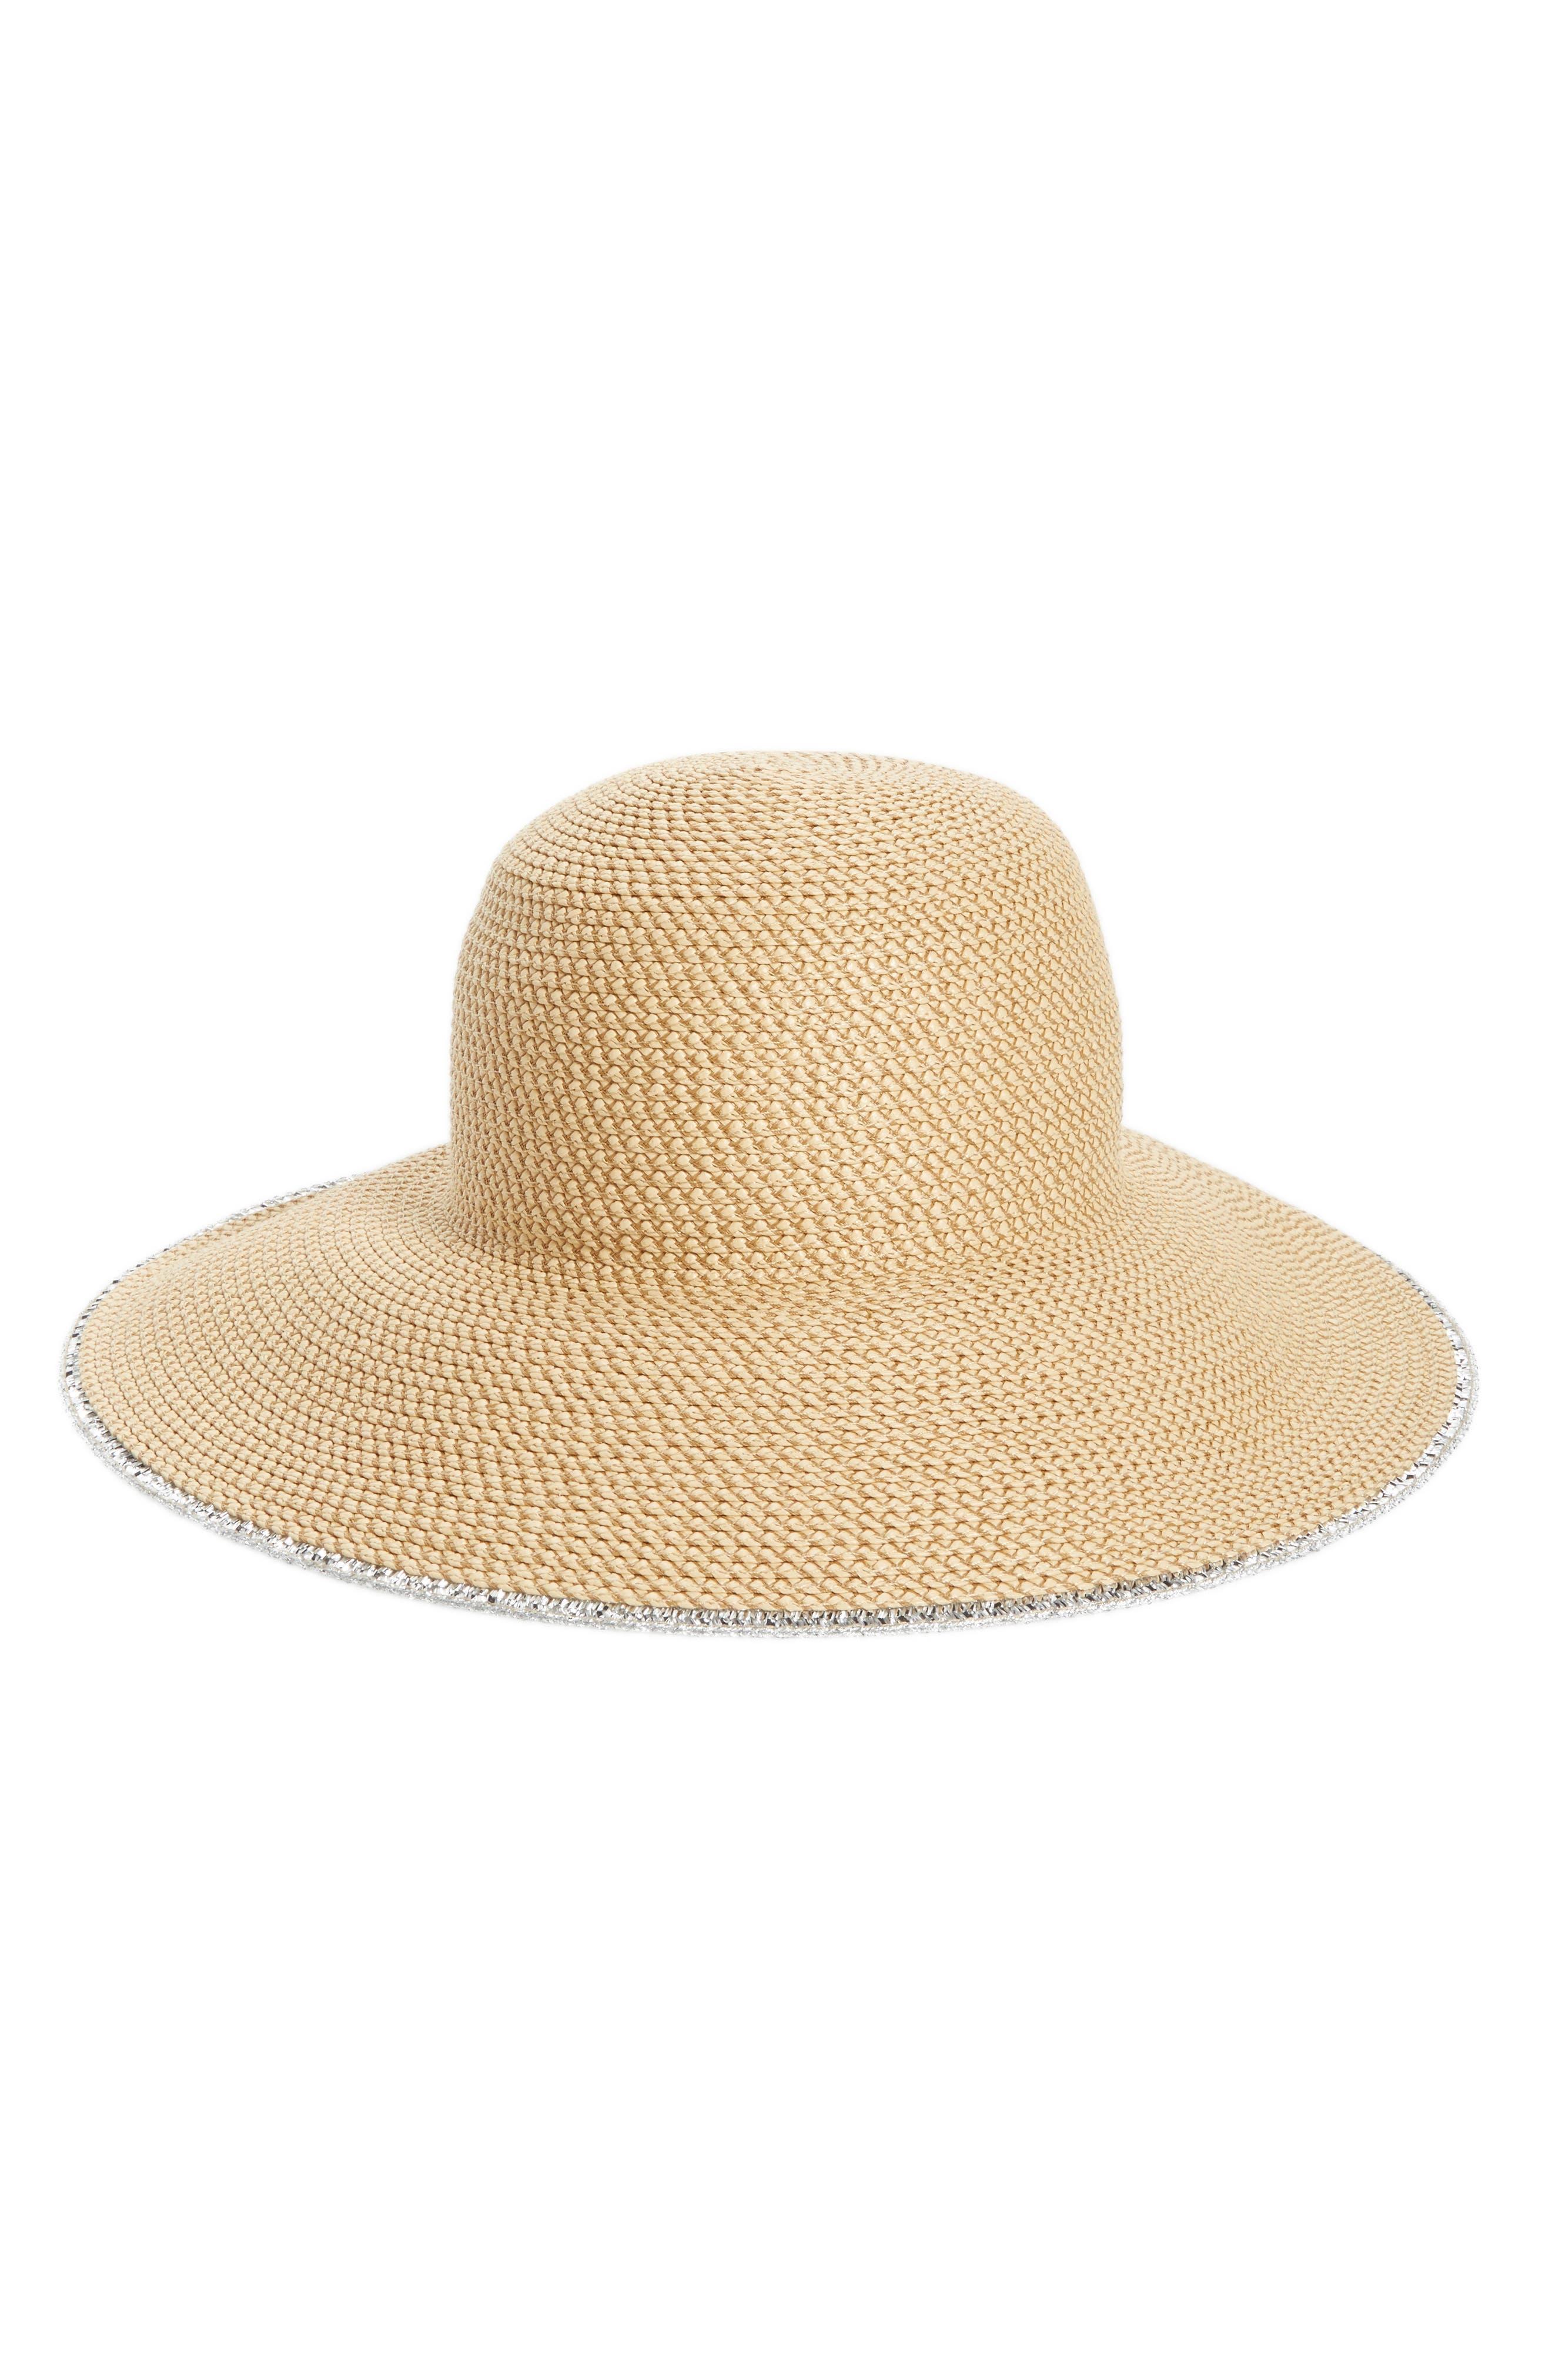 Alternate Image 1 Selected - Eric Javits 'Hampton' Straw Sun Hat